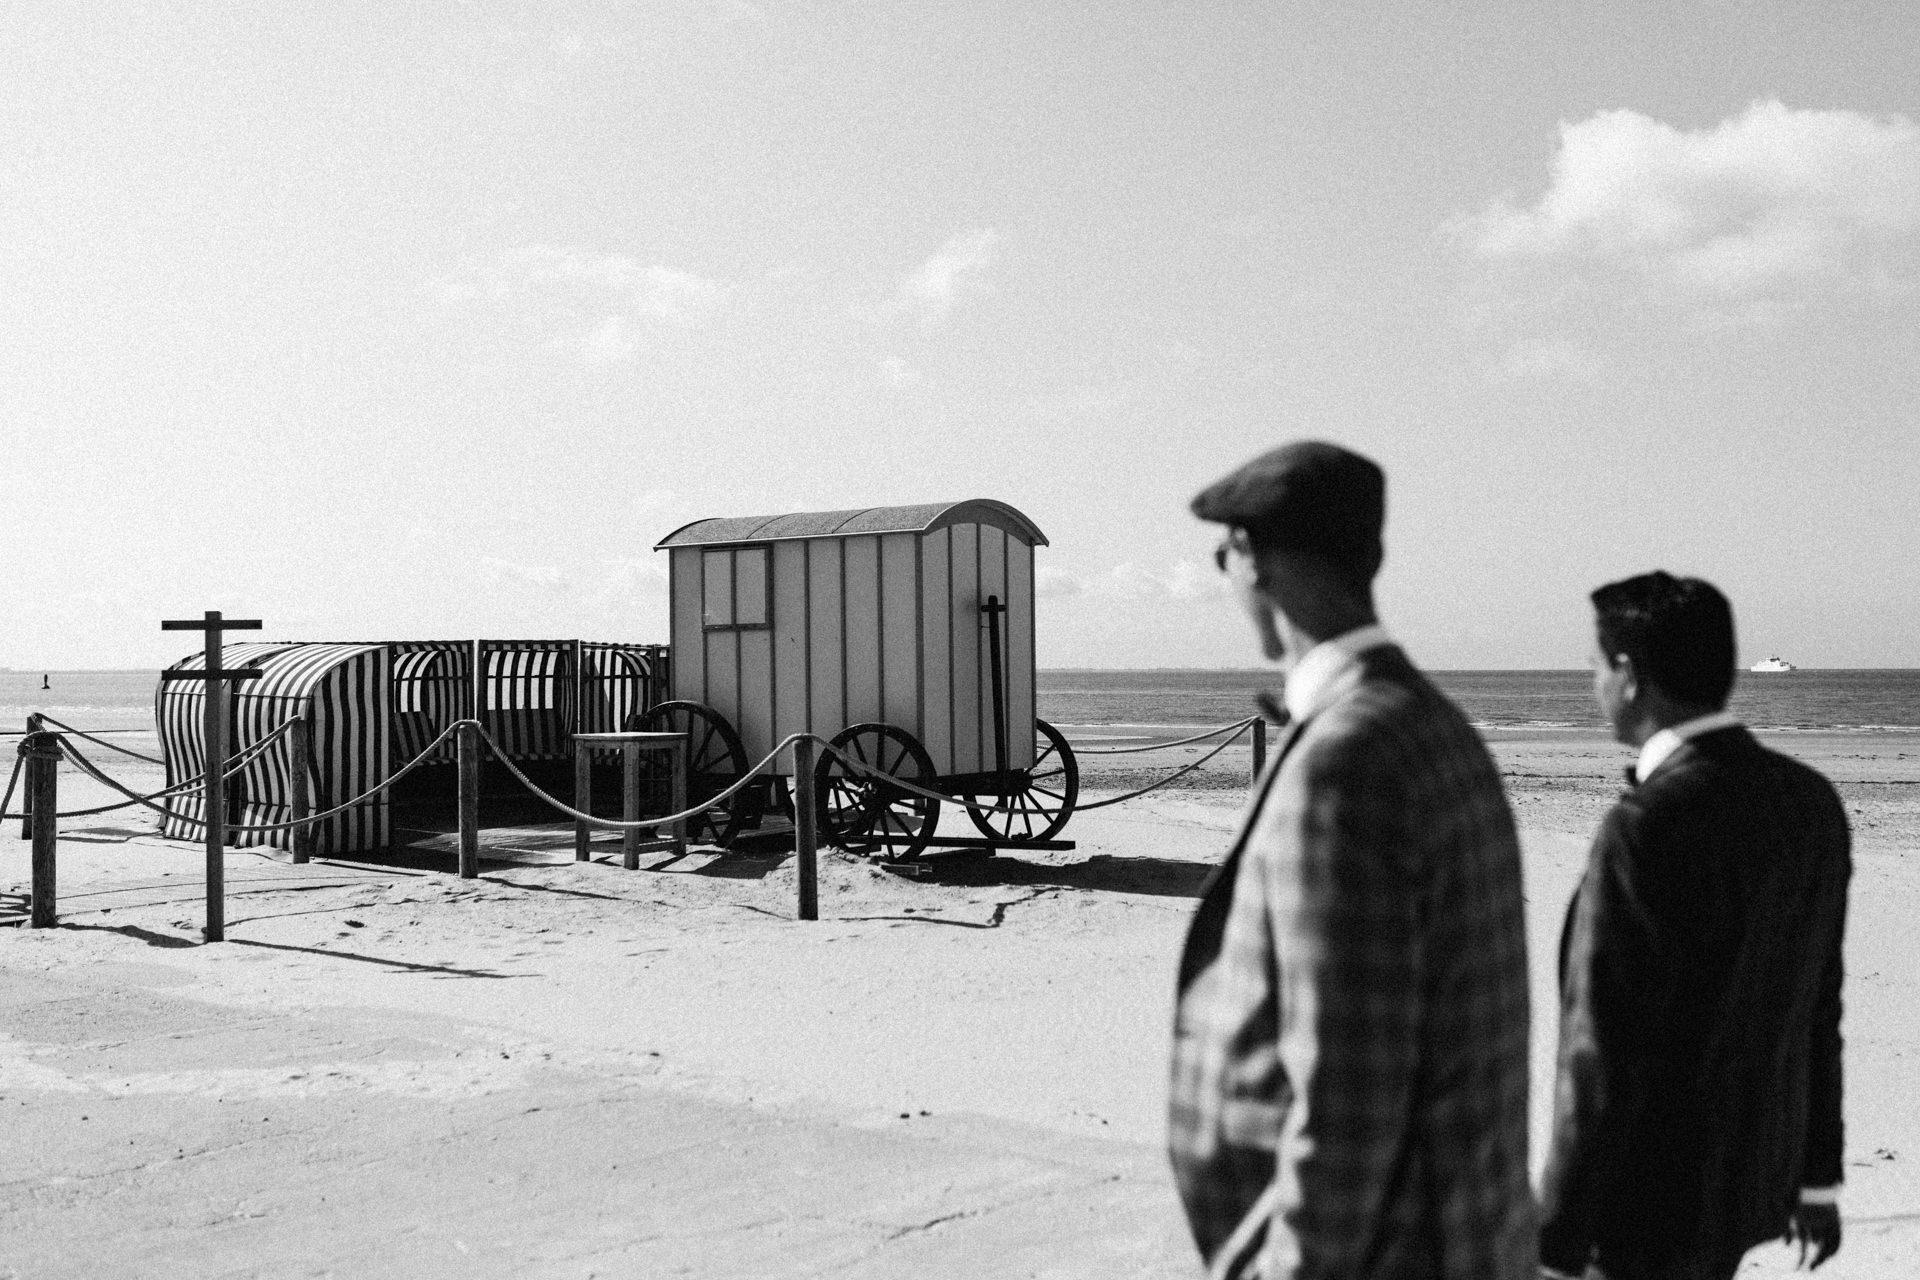 Standesamt am Strand. Badekarre Norderney.